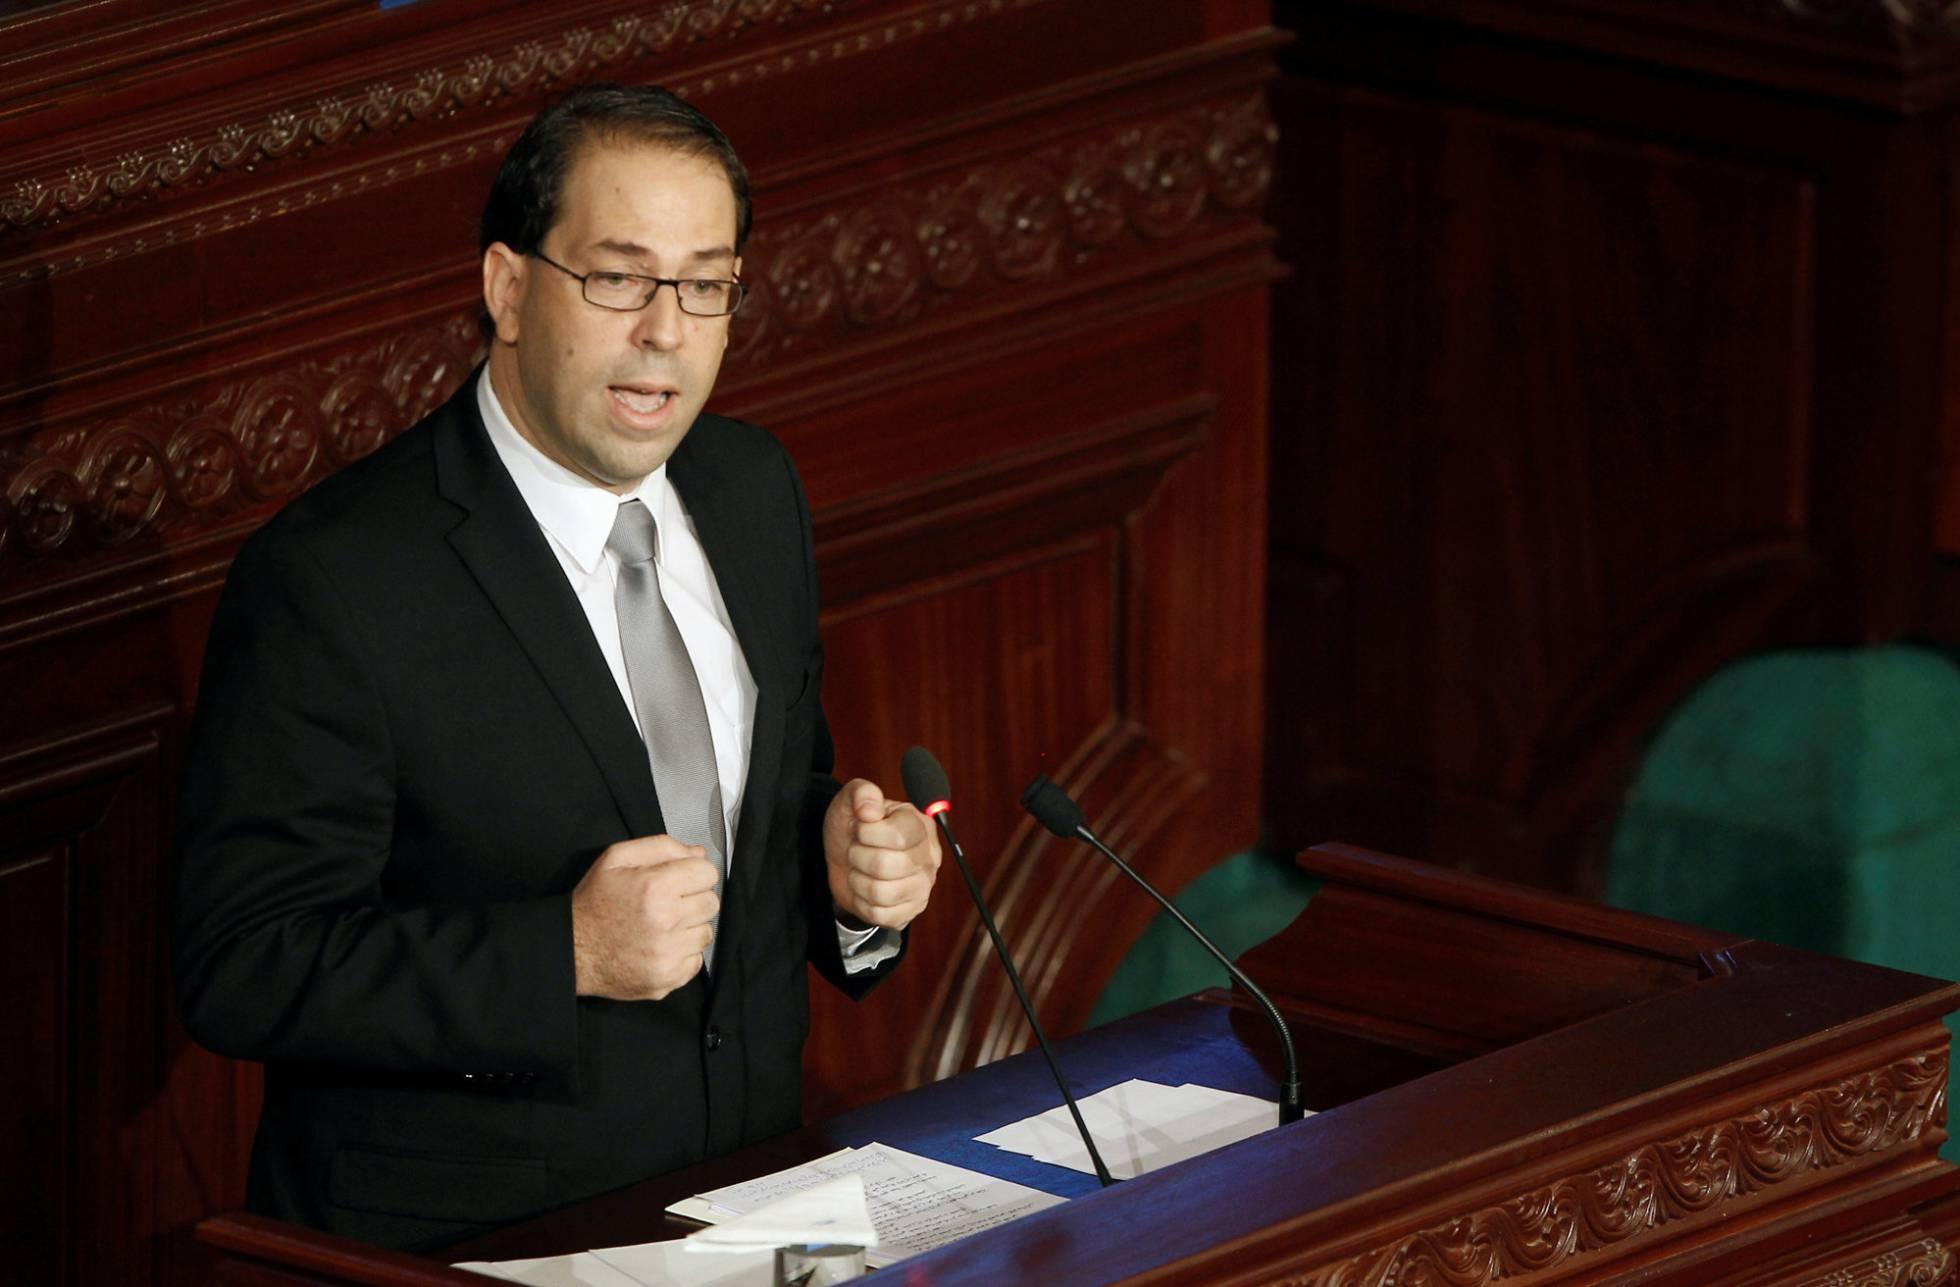 Túnez. Democracia e islamismo a golpe de talonario - Página 4 1472240427_722074_1472241312_noticia_normal_recorte1